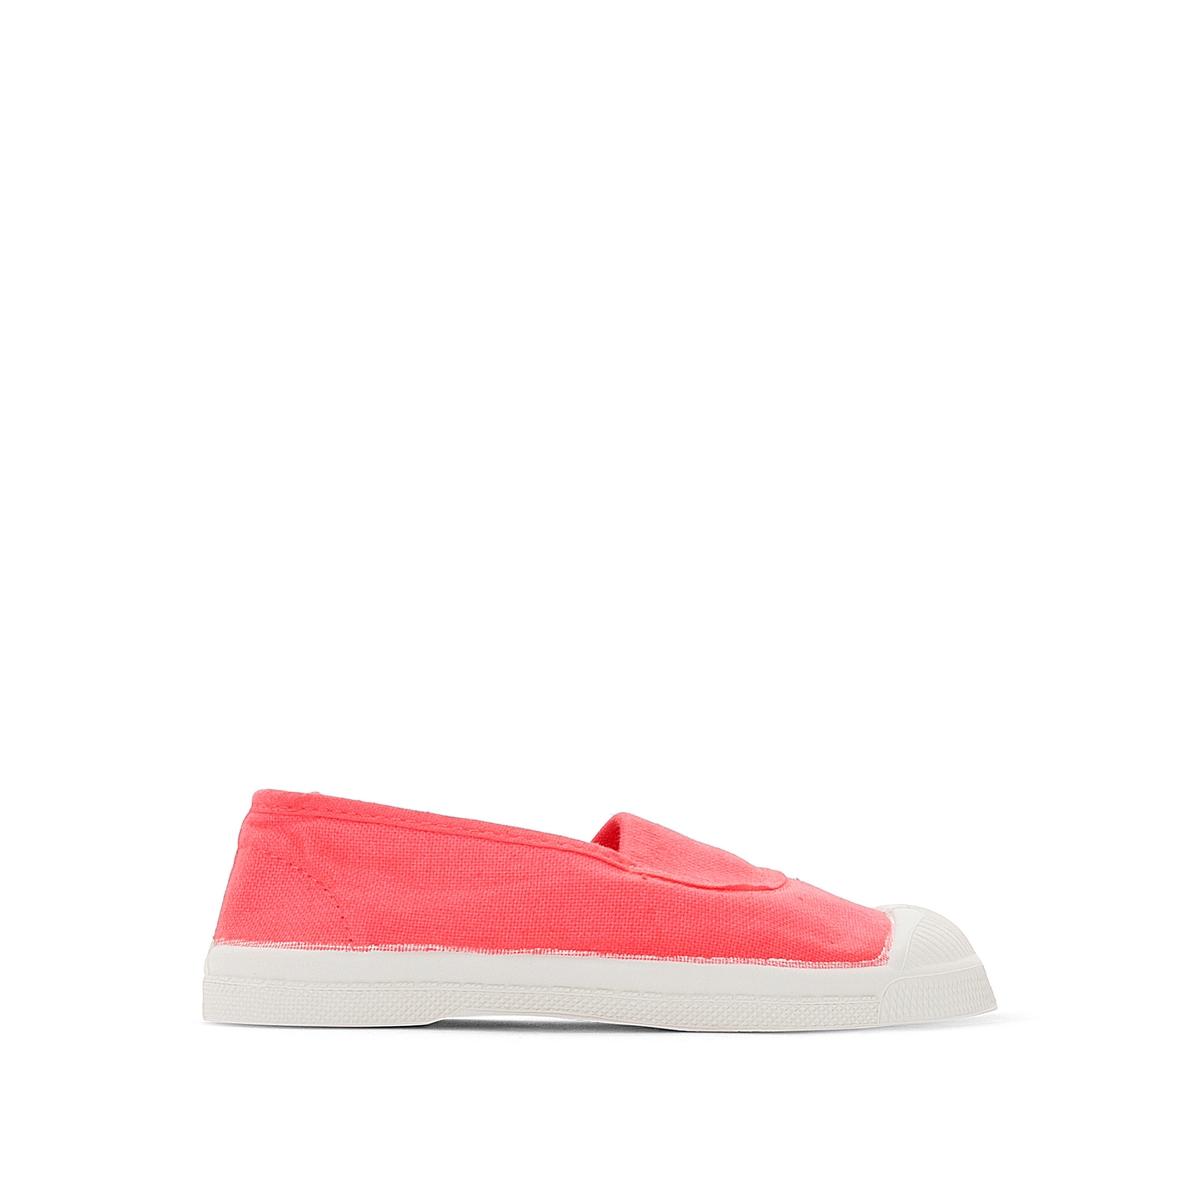 Кеды  ElastiqueДетали •  Спортивный стиль •  Плоский каблук •  Застежка : эластичная вставкаСостав и уход • Верх 100% хлопок •  Подкладка 100% текстиль •  Стелька 100% текстиль •  Подошва 100% каучук<br><br>Цвет: розовый